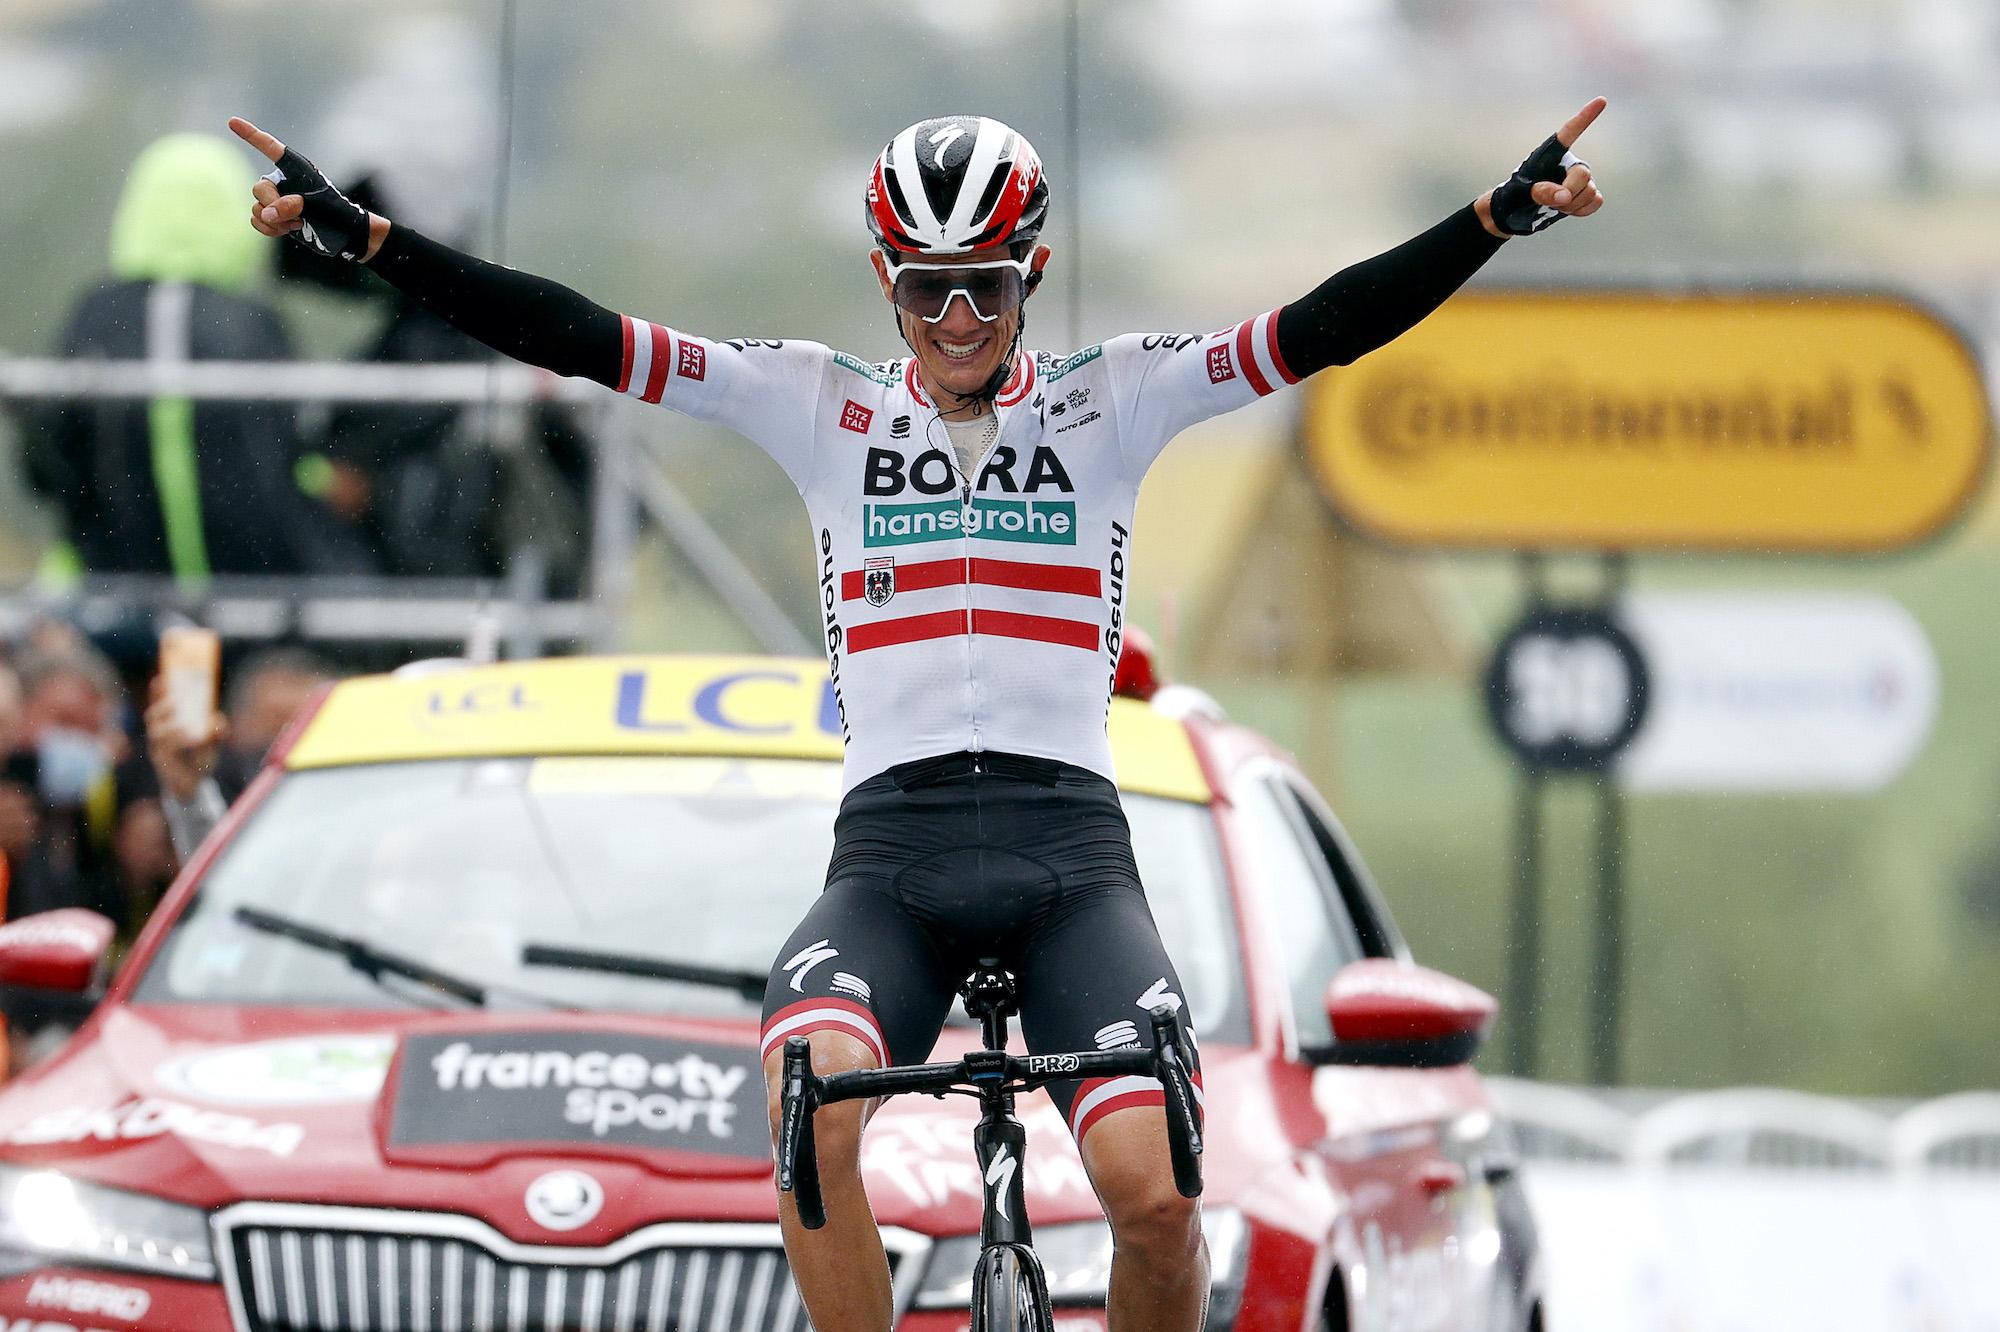 Patrick Konrad wins stage 16 of the 2021 Tour de France